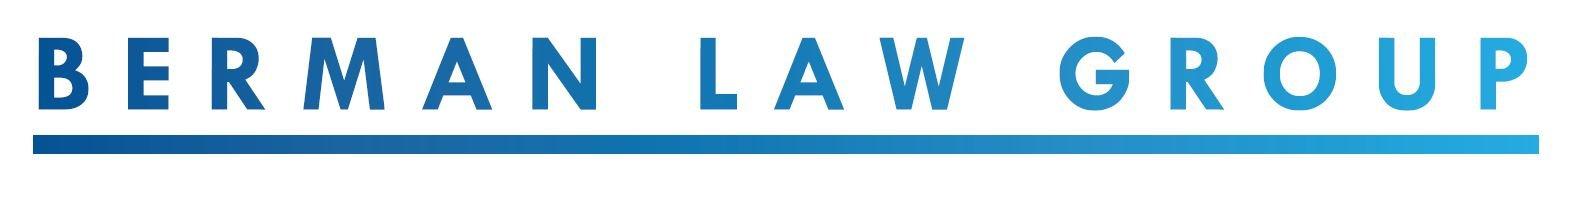 Berman Law Group logo